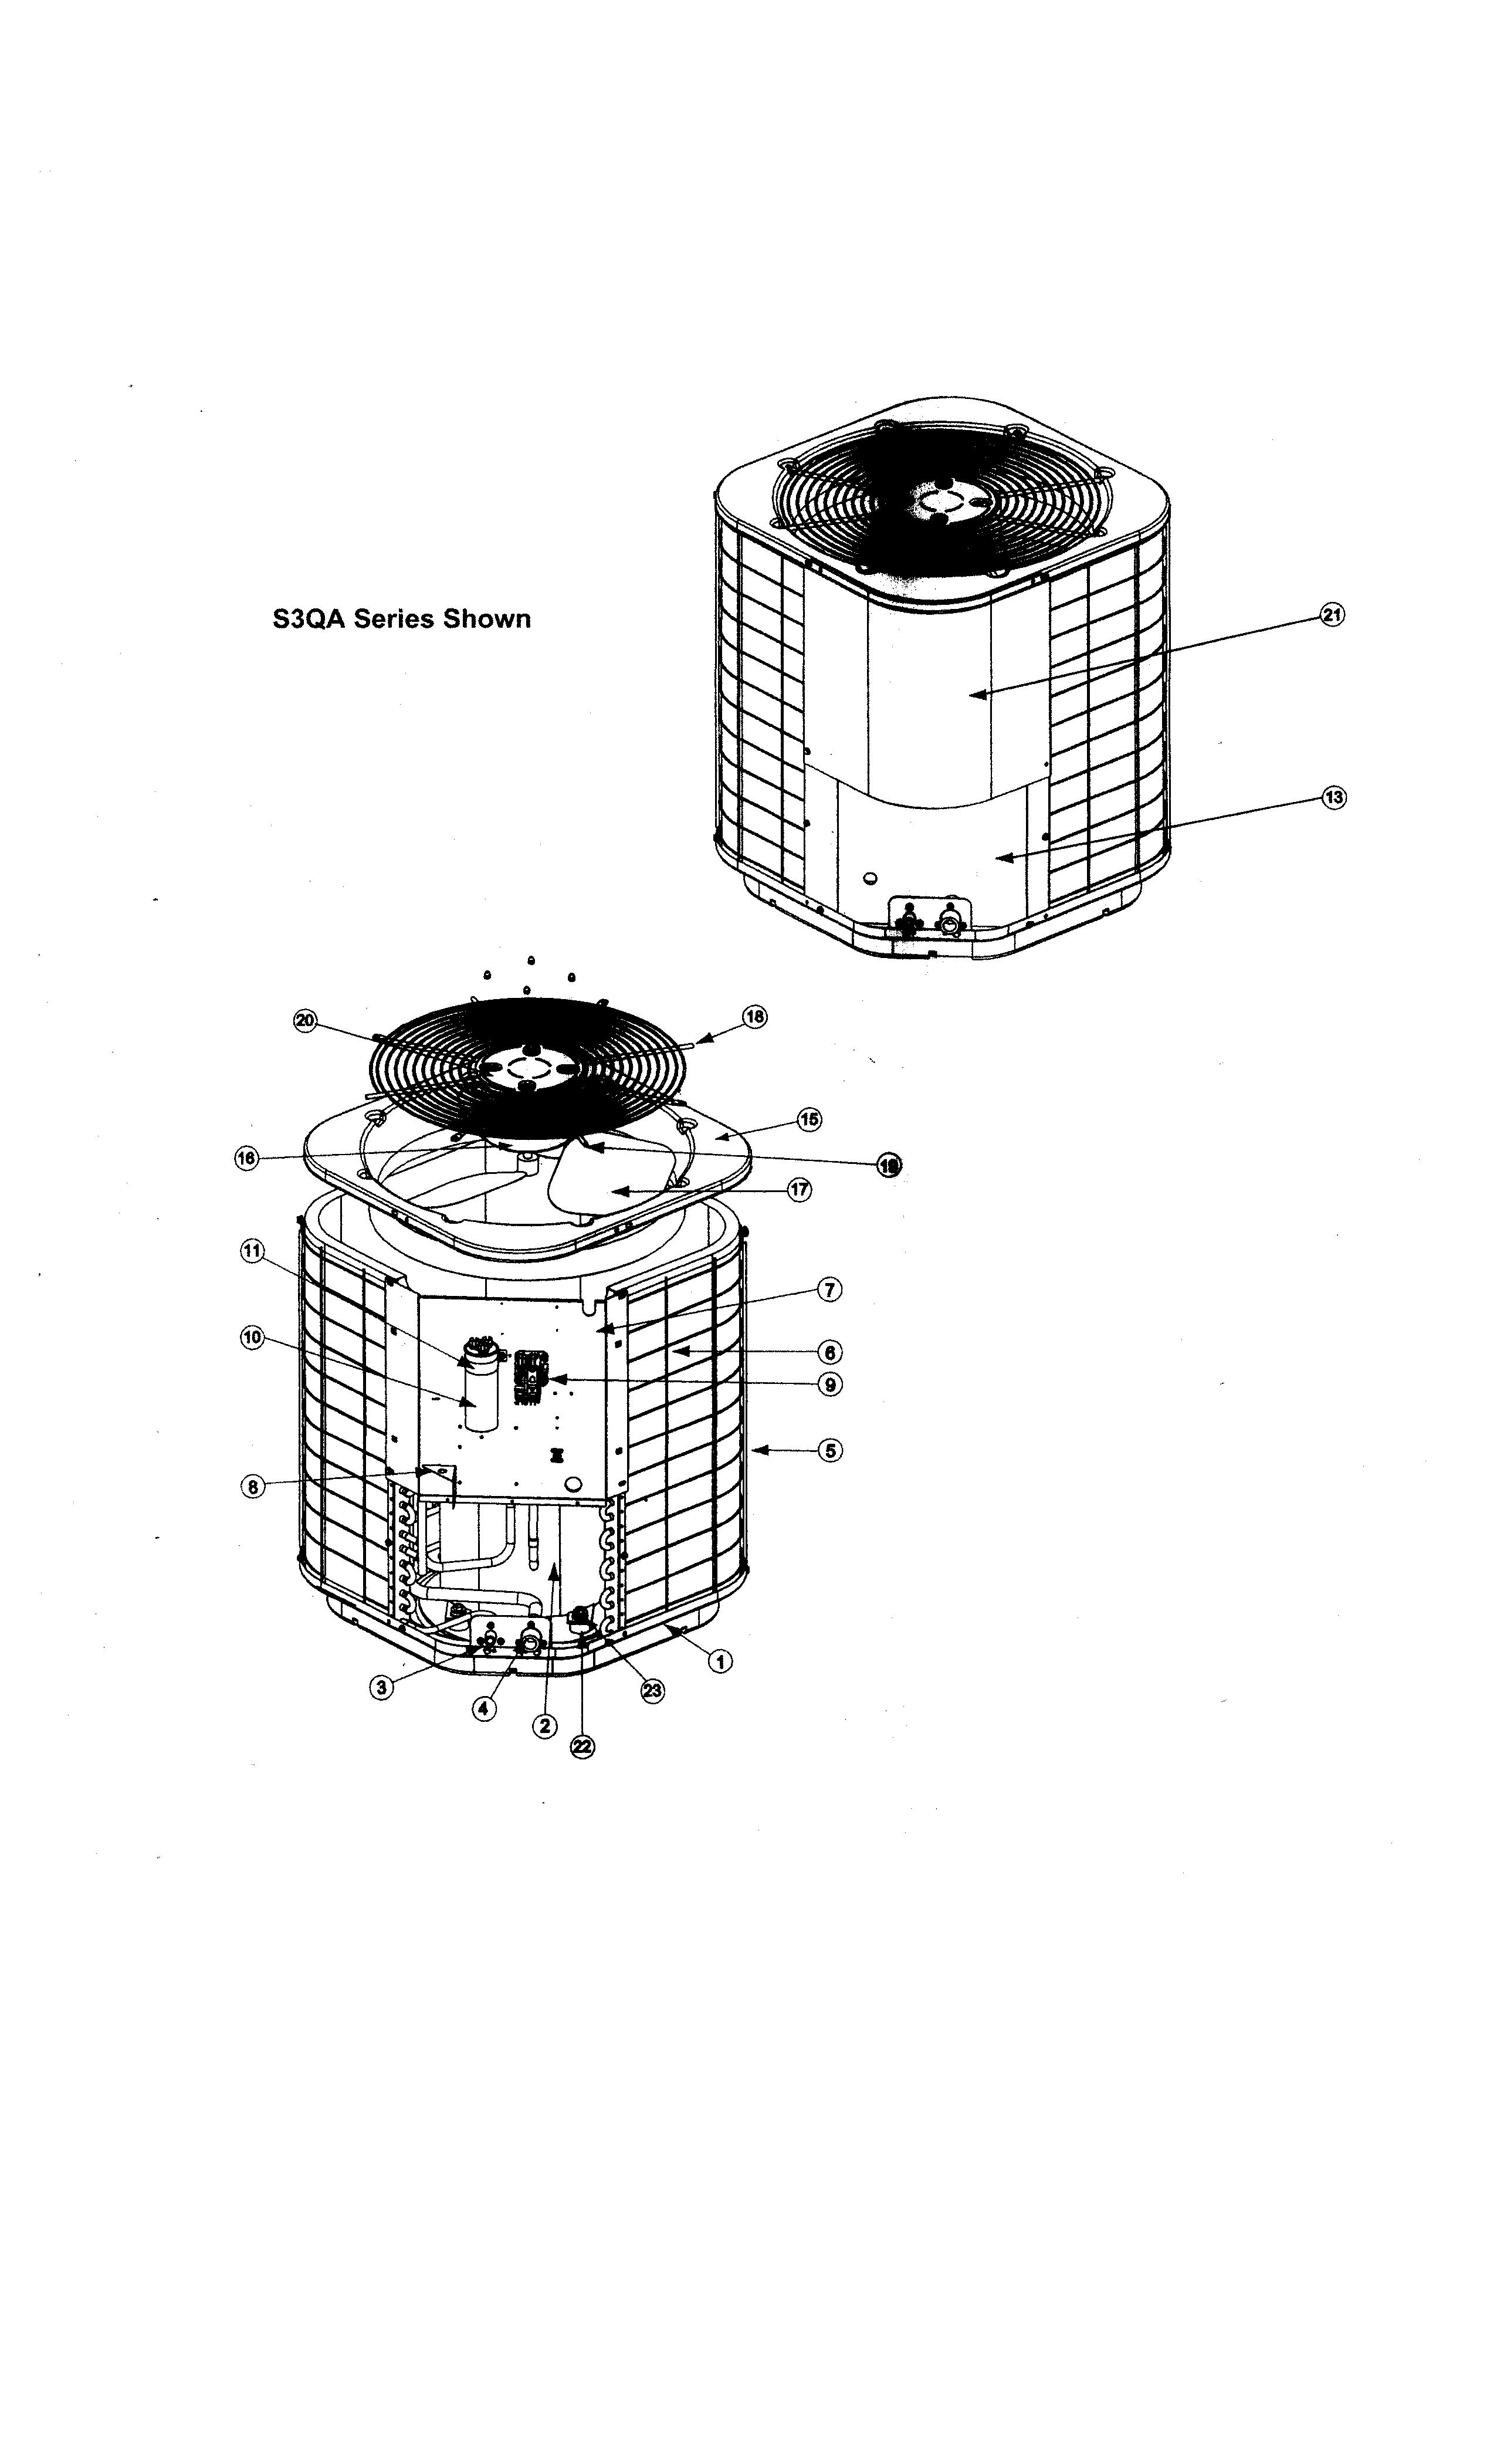 Wiring Diagram Modal Fs5bd-018ka